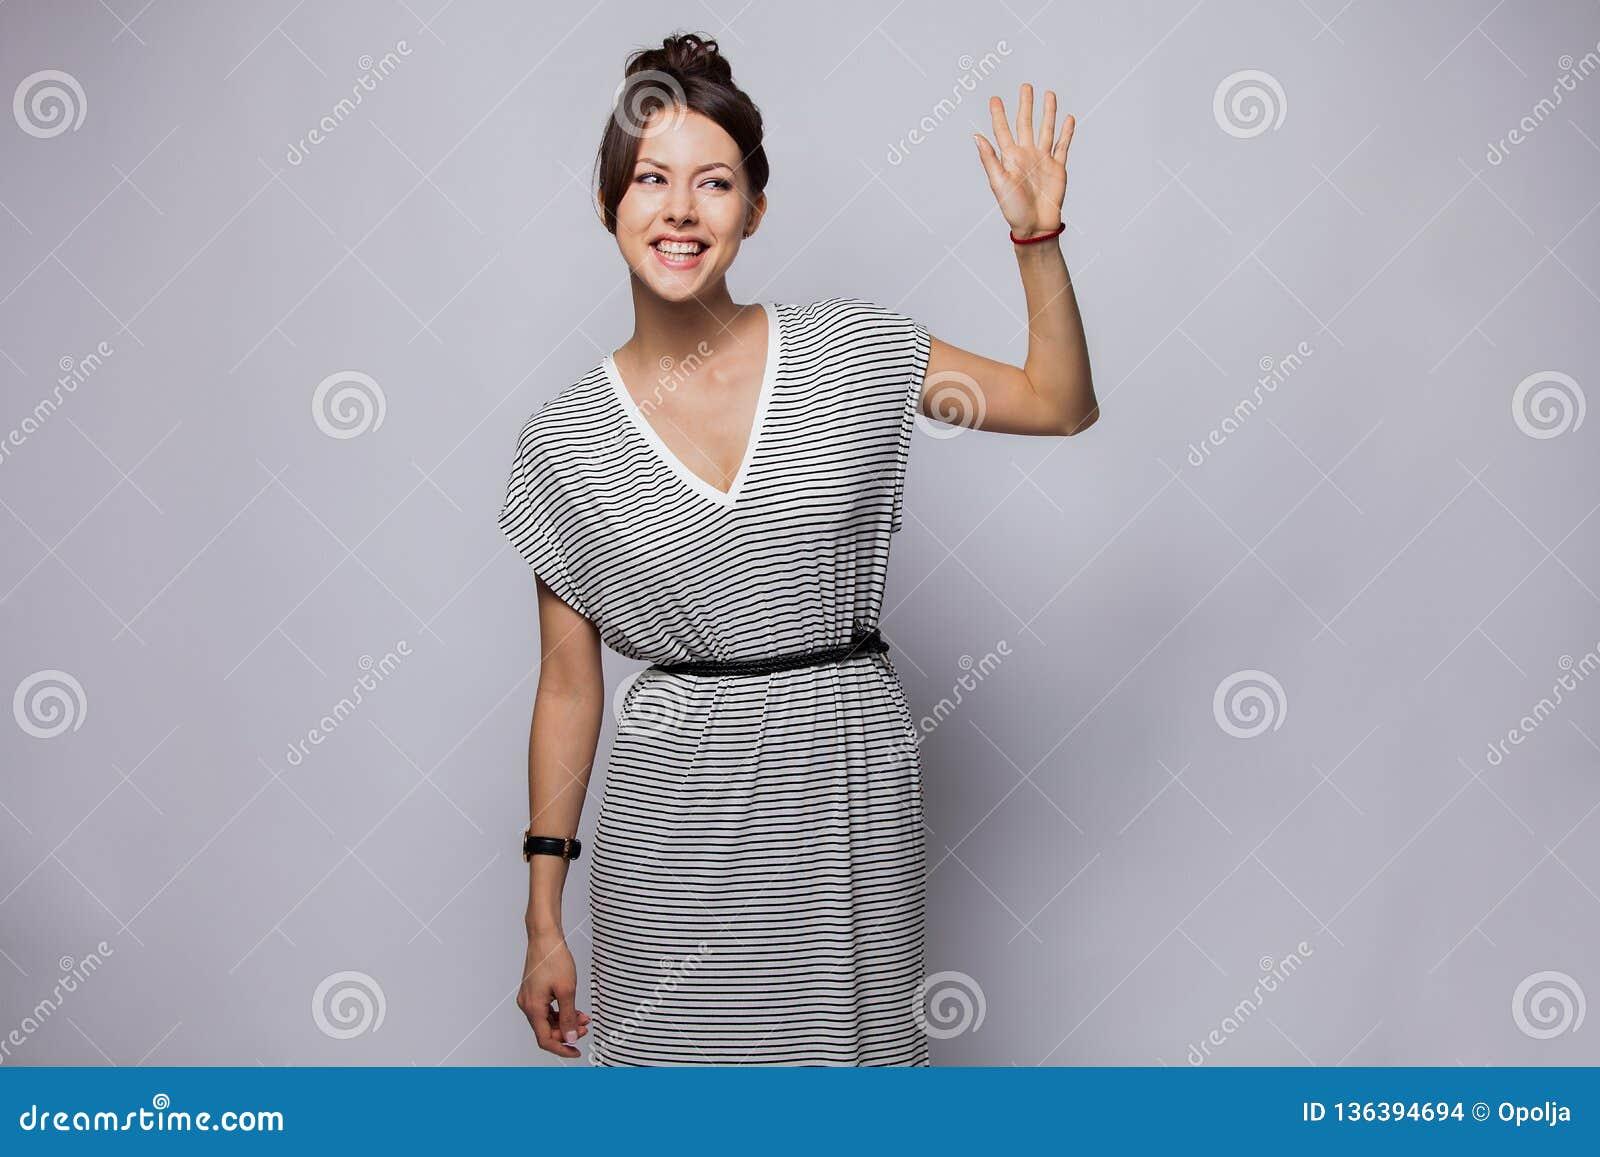 Freundliche Frau sagt hallo zu den neuen Nachbarn Porträt der reizend jungen emotionalen Frau, die mit der angehobenen Hand, Gruß